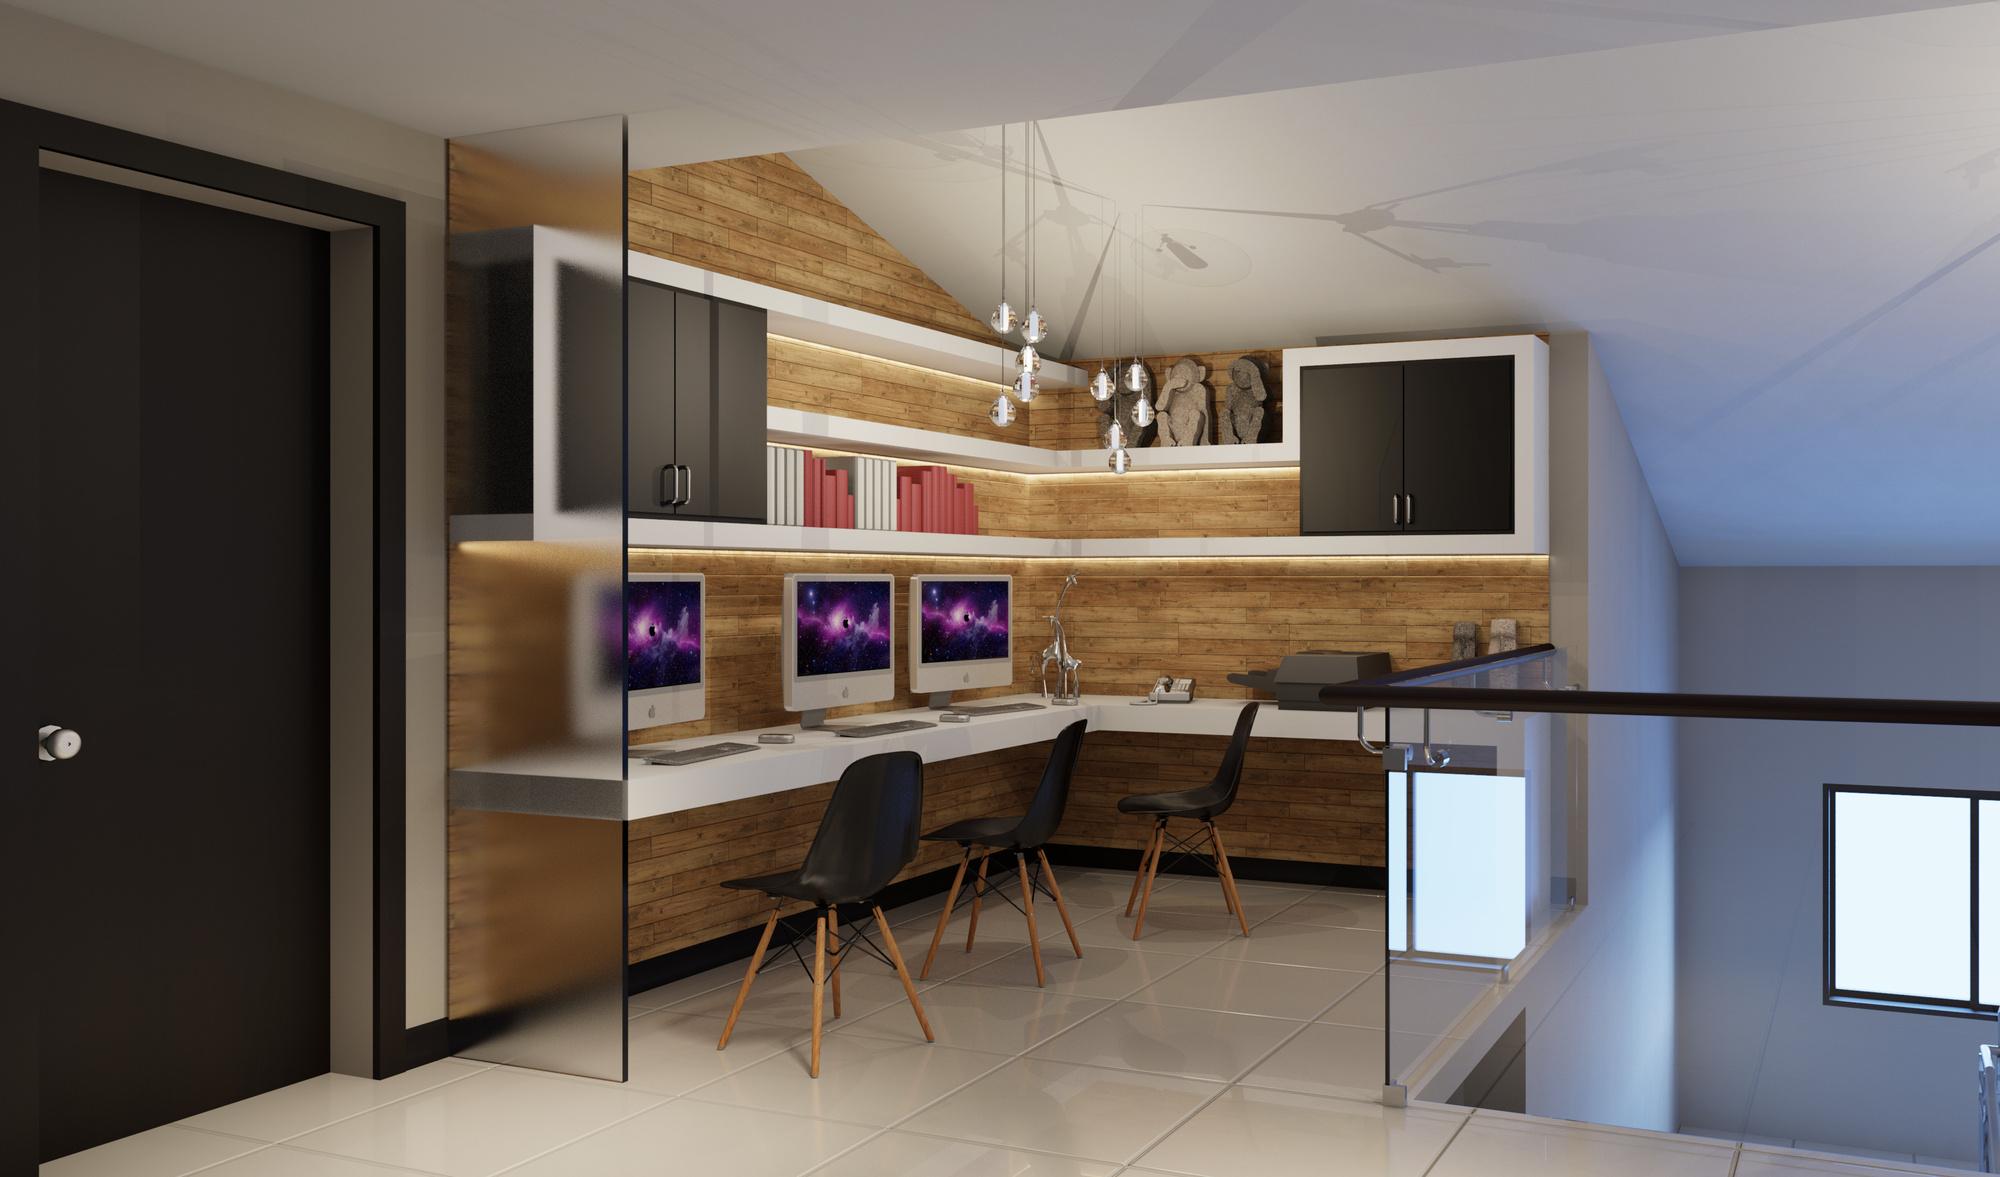 Raas-rendering20150131-4127-dow0w4